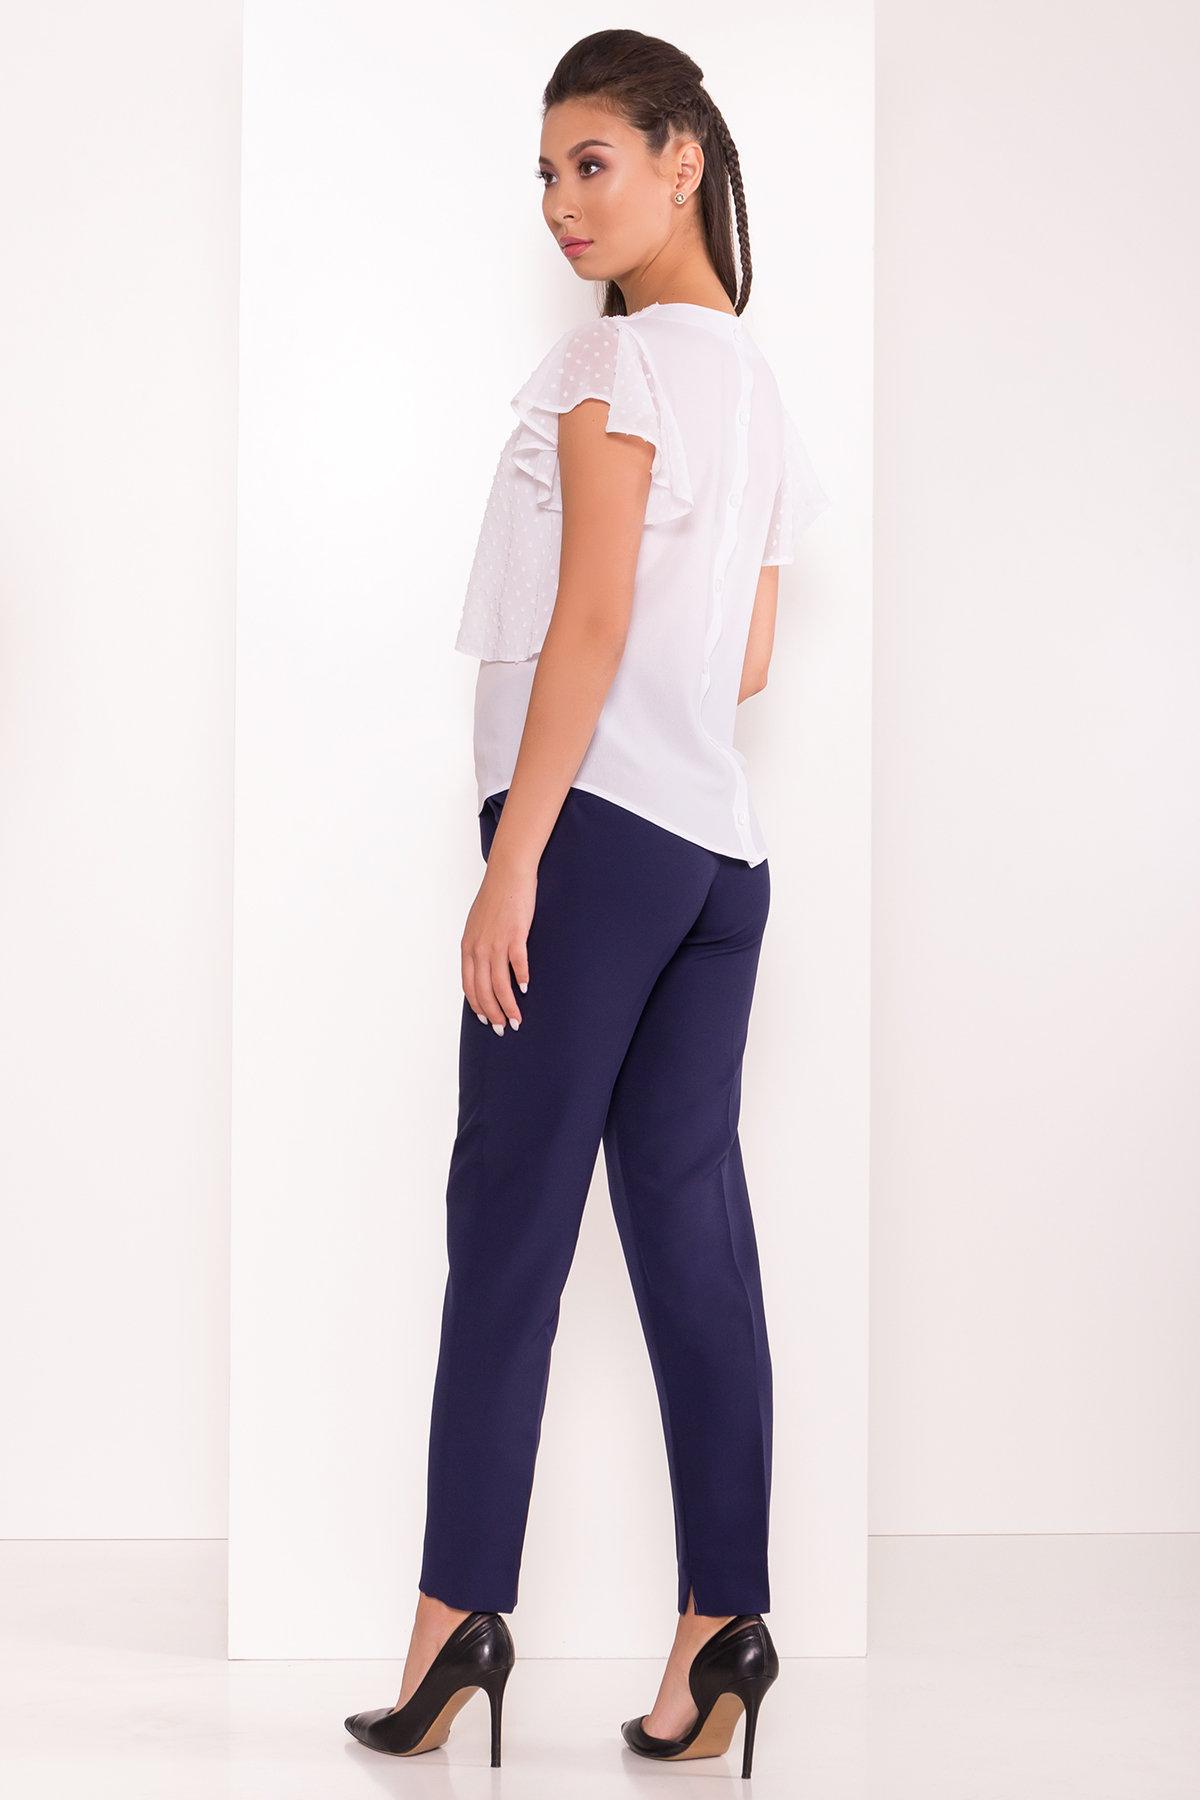 Базовые брюки со стрелками Эдвин 2467 АРТ. 15260 Цвет: Тёмно-синий - фото 3, интернет магазин tm-modus.ru